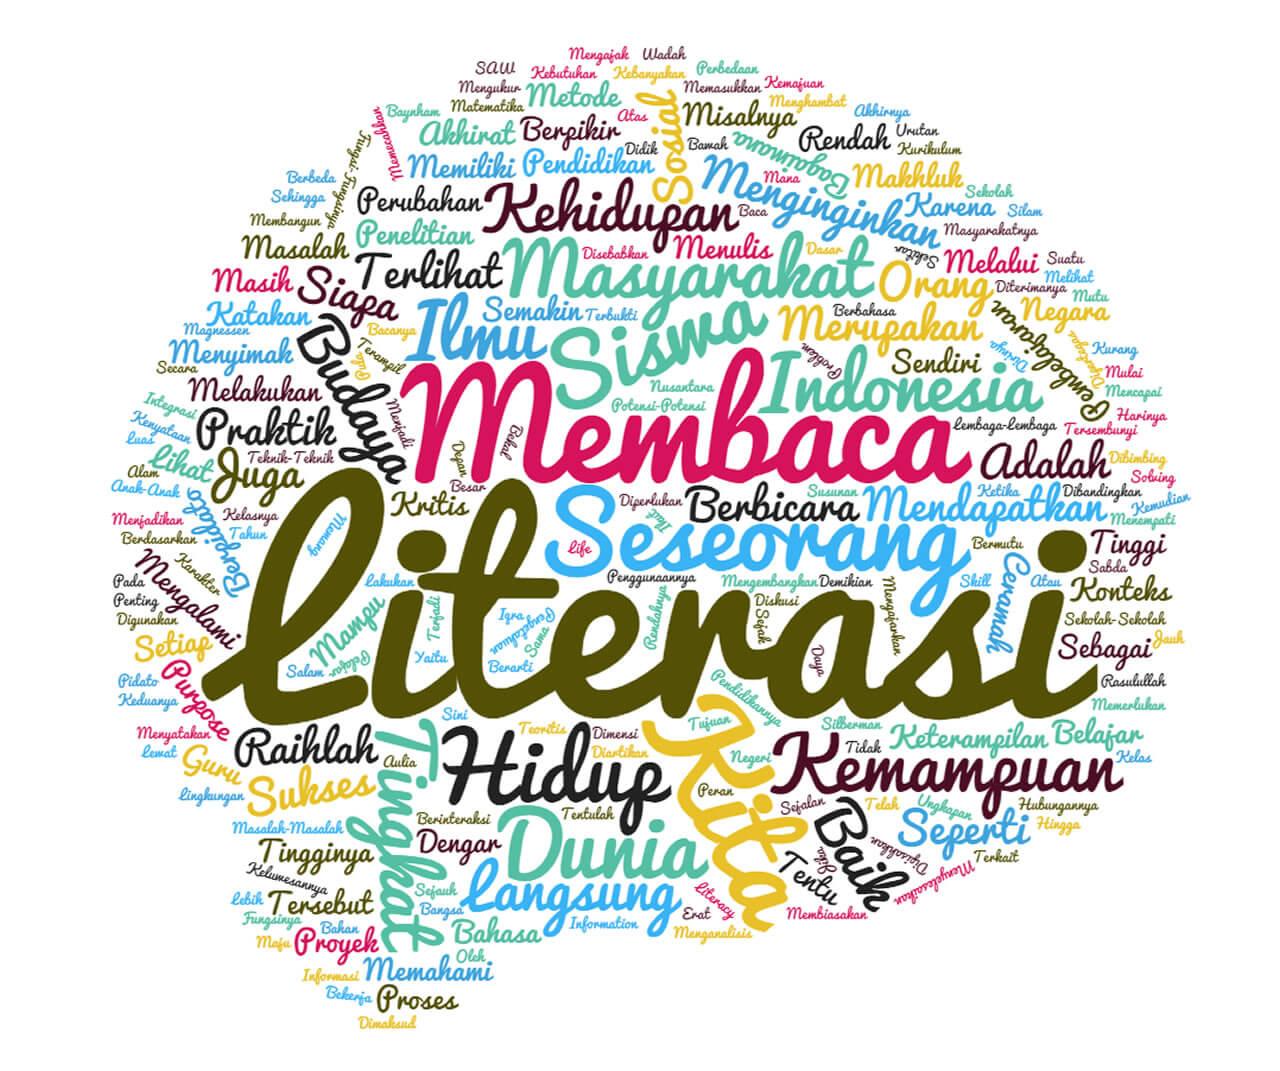 Budaya Literasi di Indonesia Masih Bisa Terus Dikembangkan Menuju Literasi yang Lebih Baik (ilustrasi, dakwatuna.com)